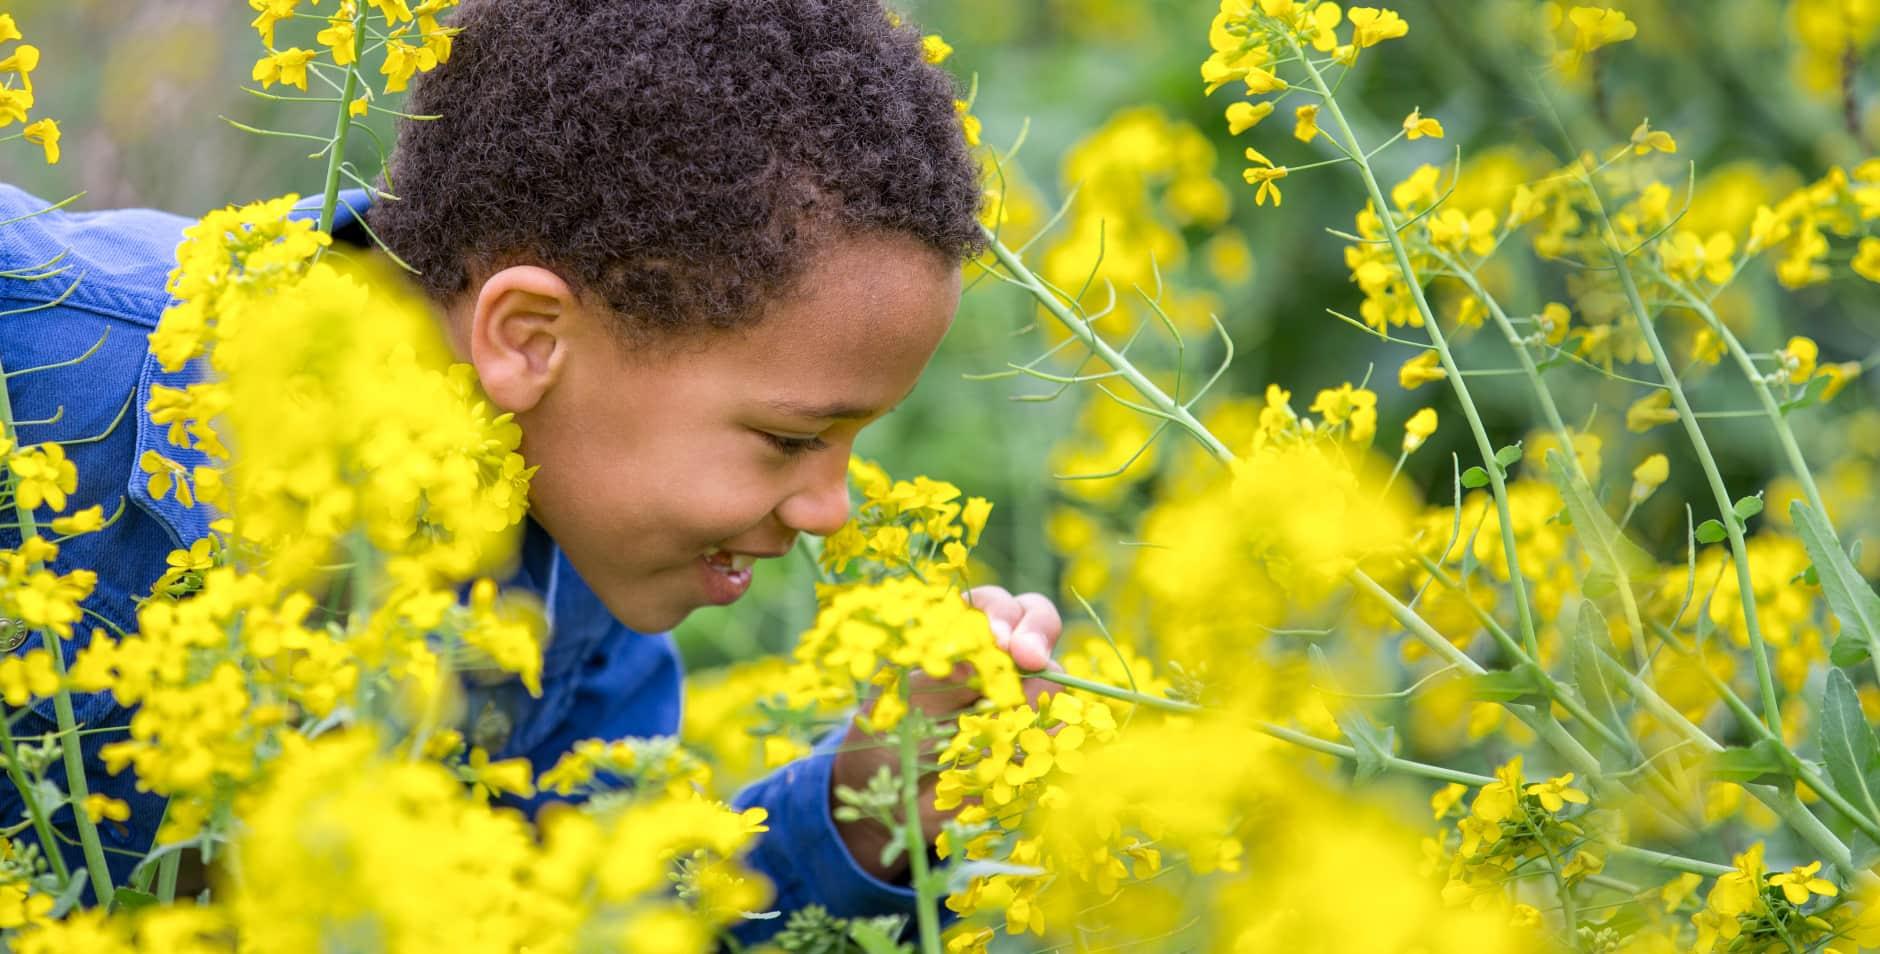 Kind tussen bloemen